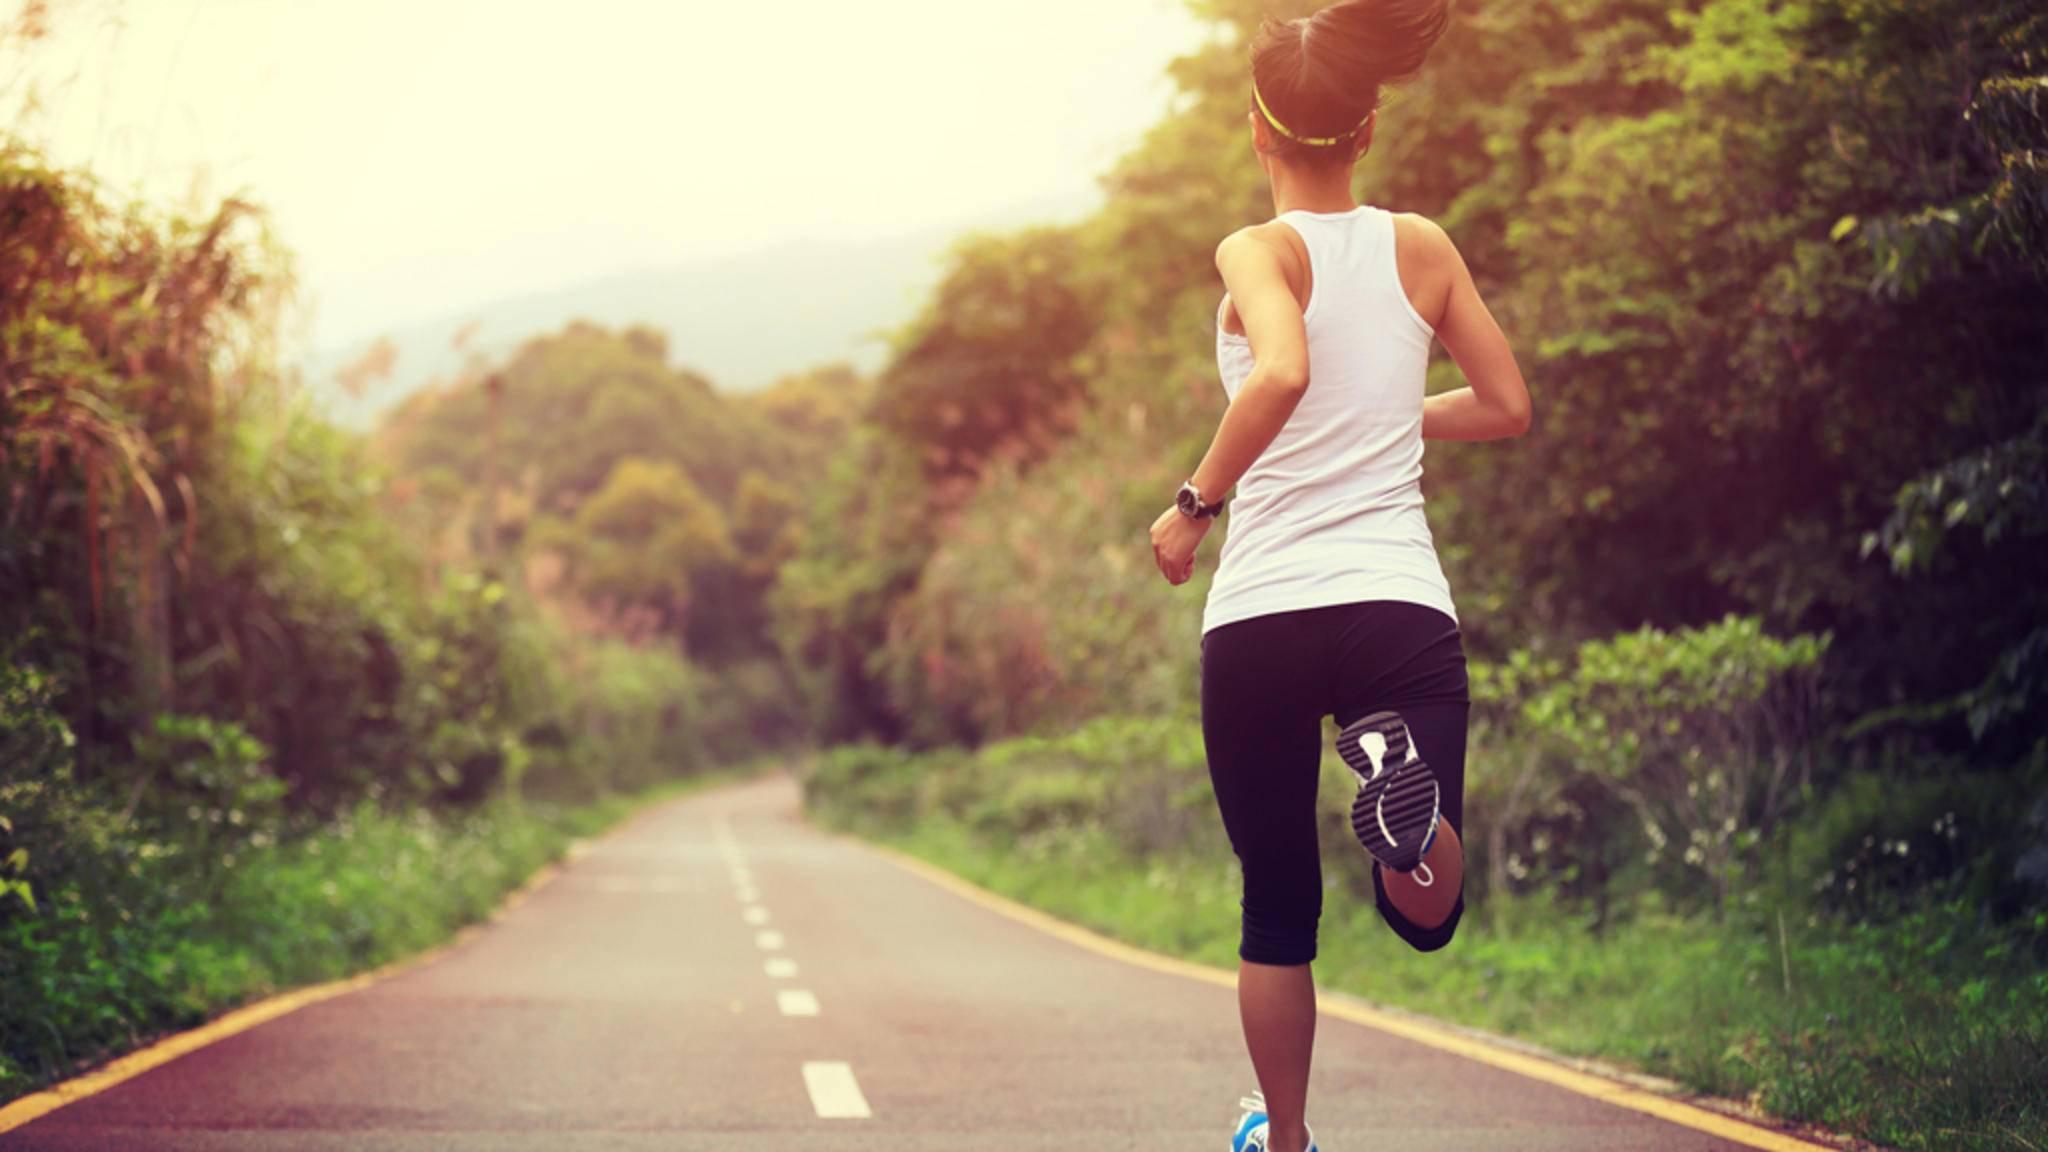 Ursprünglich sollten zum normalen Tagespensum noch weitere 10.000 Schritte gegangen werden.